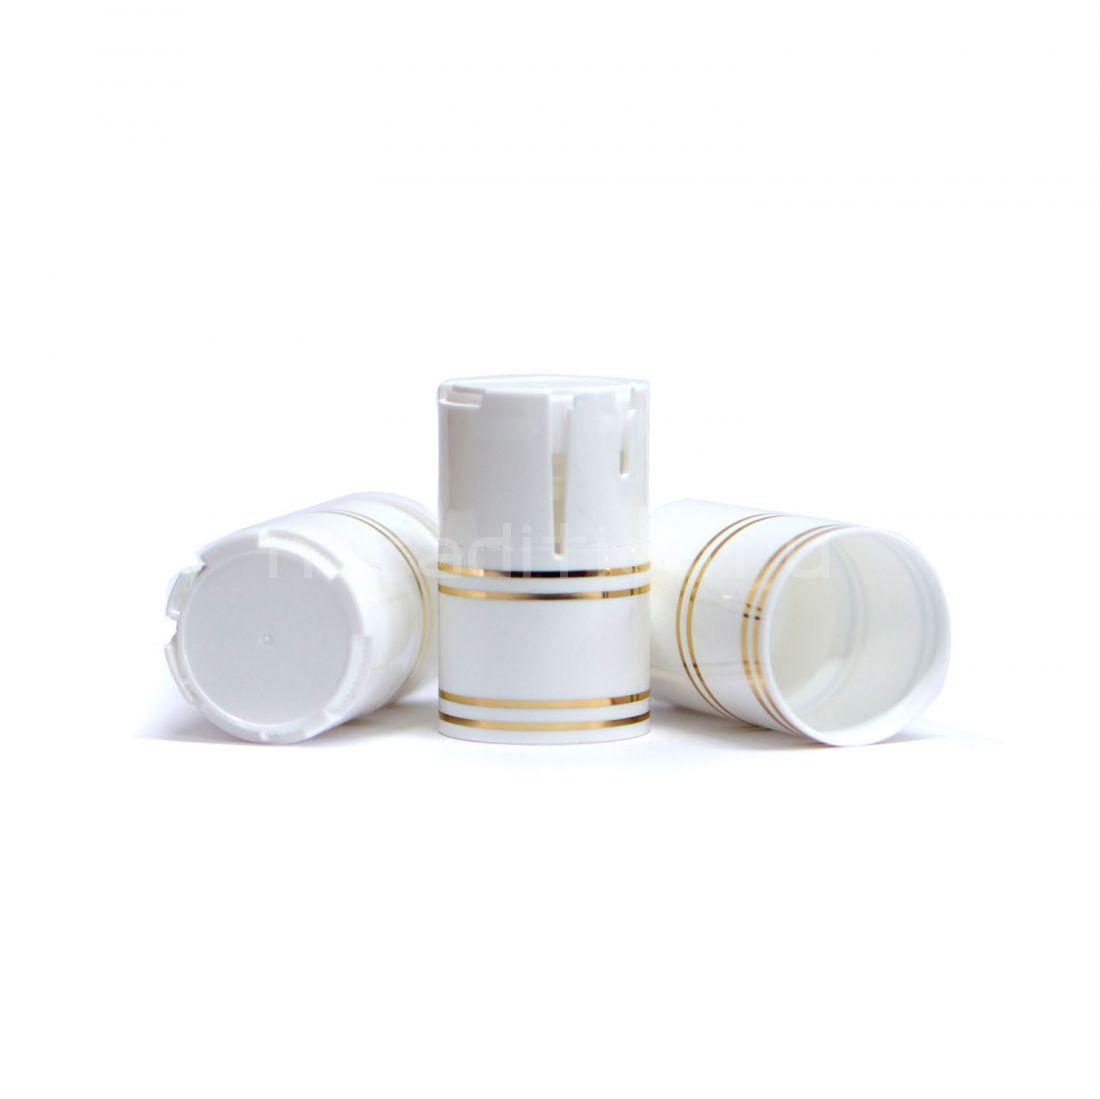 Пластиковый колпачок на бутылку винт 28*18 мм, 10 шт (белый)